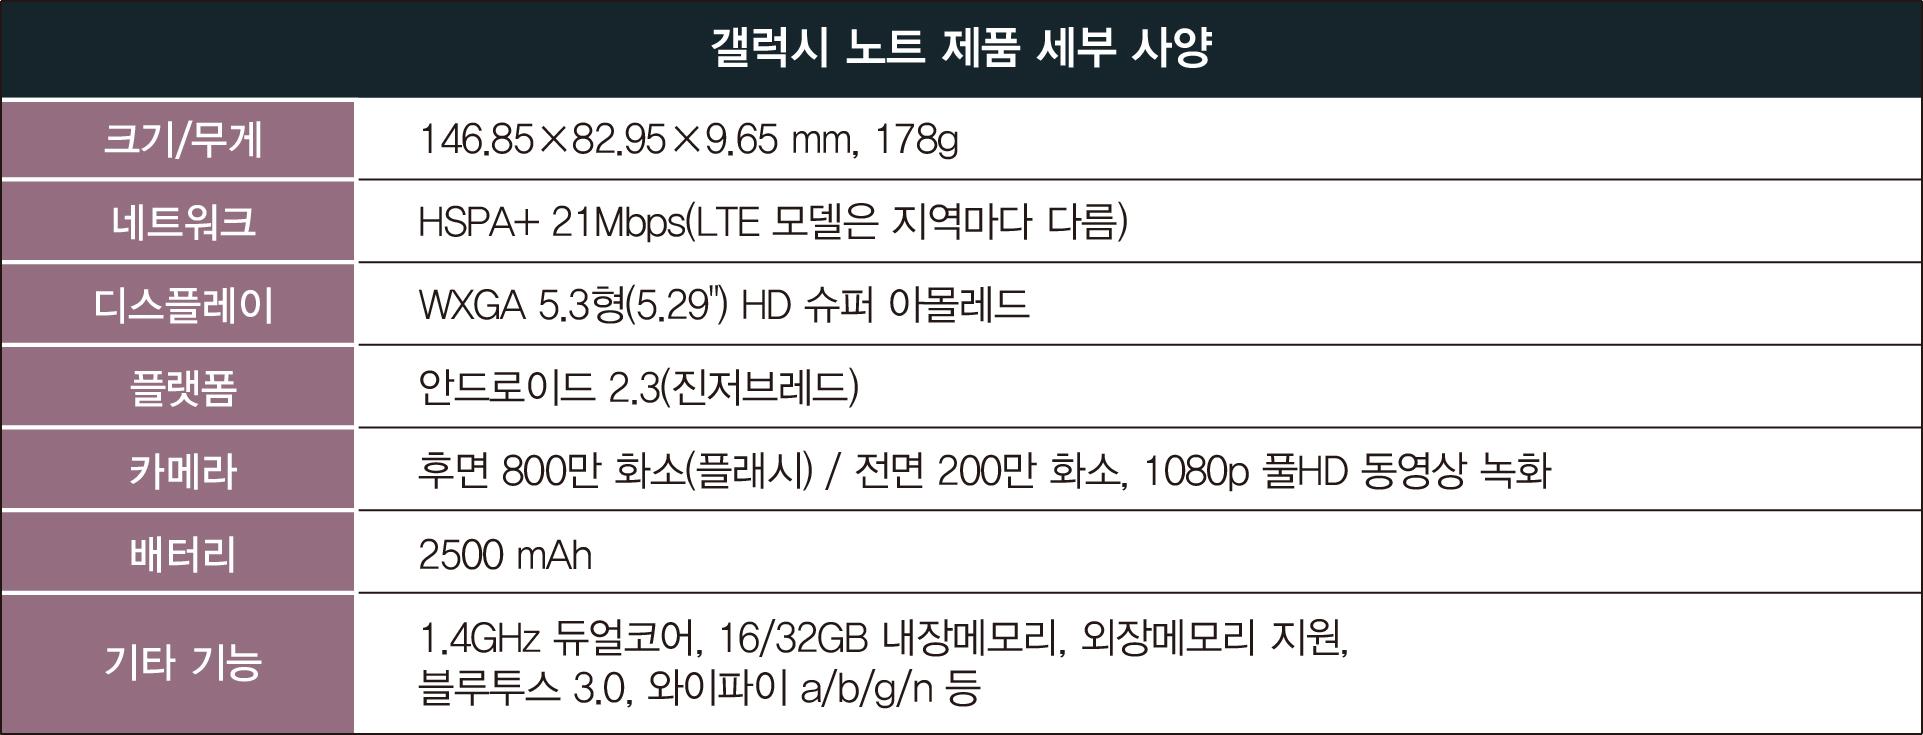 """갤럭시 노트 제품 세부 사양, 크기/무게 146.85 X 82.95 X 9.65mm, 178g 네트워크 HSPA+ 21Mbps(LTE 모델은 지역마다 다름) 디스플레이 WXGA 5.3형(5.29"""")HD 슈퍼 아몰레드 플랫폼 안드로이드 2.3 (진저브래드) 카메라 후면 800만 화소(플래시)/전면 200만 화소, 1080p 풀HD 동영상 녹화 배터리 2500mAh 기타기능 1.4GHz 듀얼코어, 16/32GB 내장메모리, 외장메모리 지원, 블루투스 3.0, 와이파이 a/b/g/n 등"""